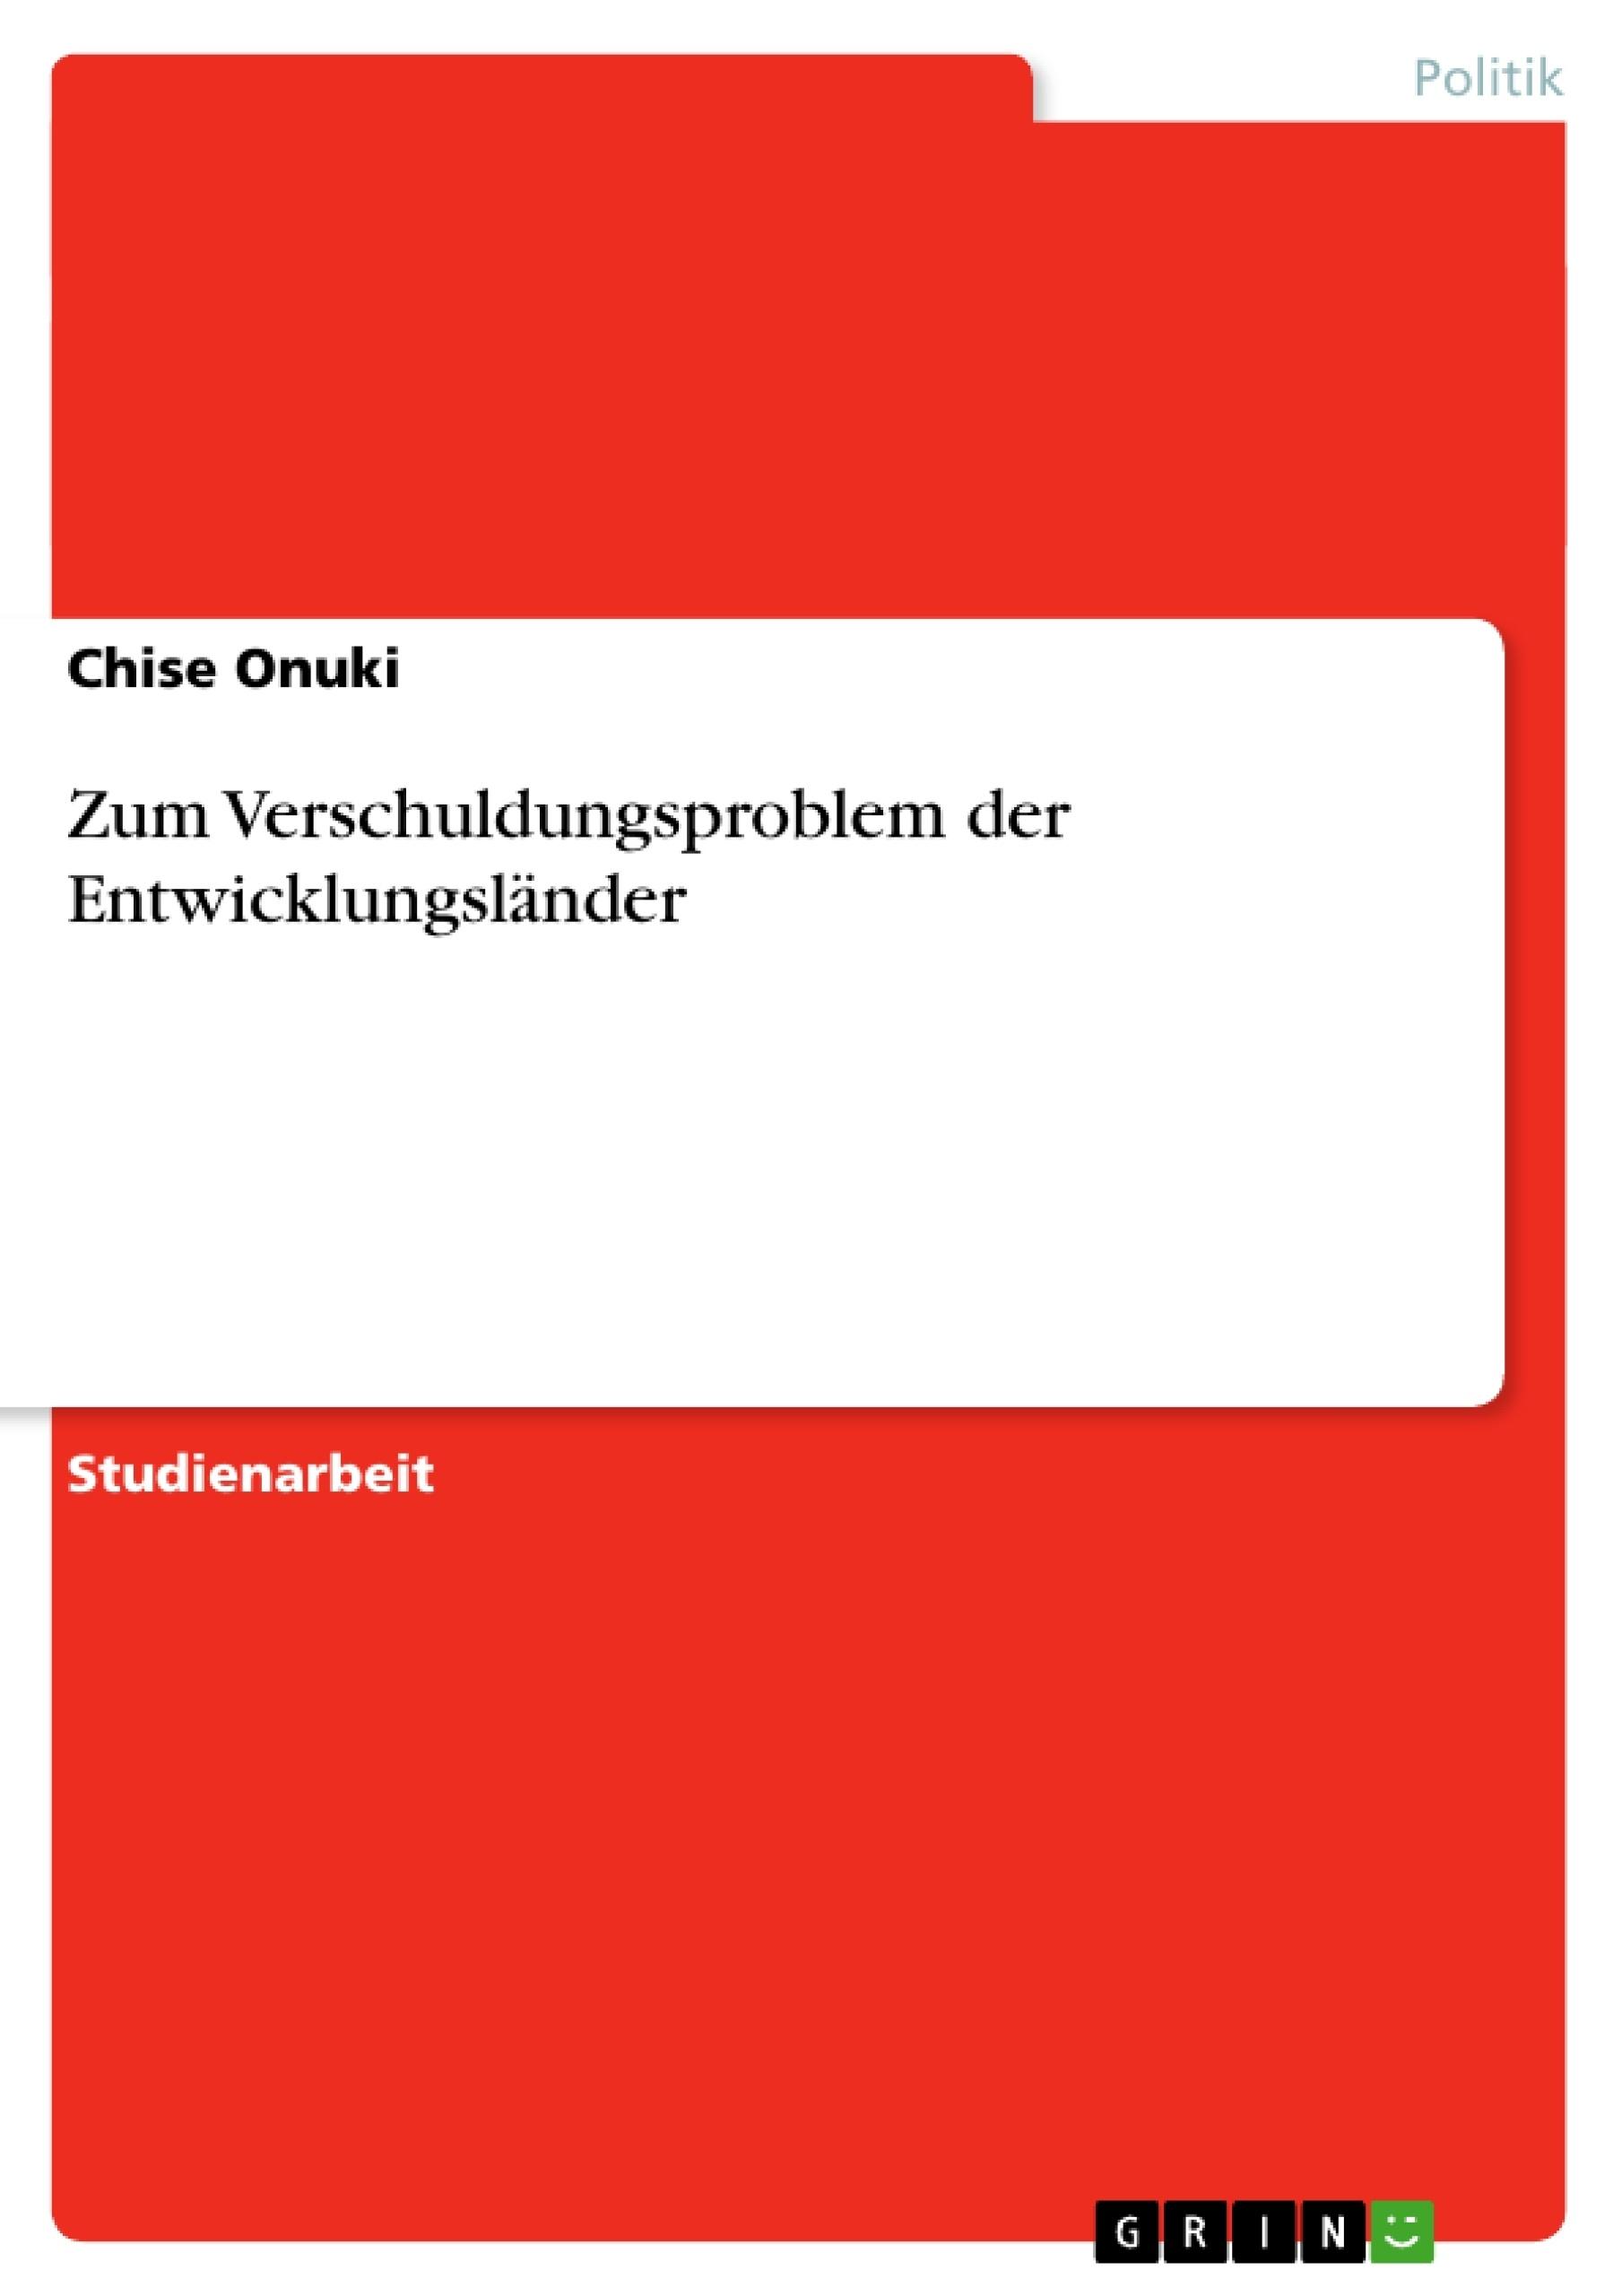 Titel: Zum Verschuldungsproblem der Entwicklungsländer